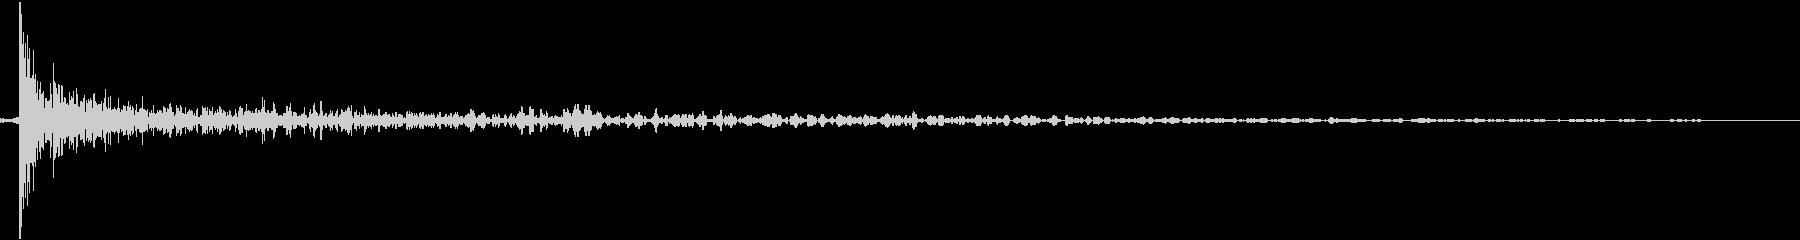 床を打つ音(残響多め)の未再生の波形